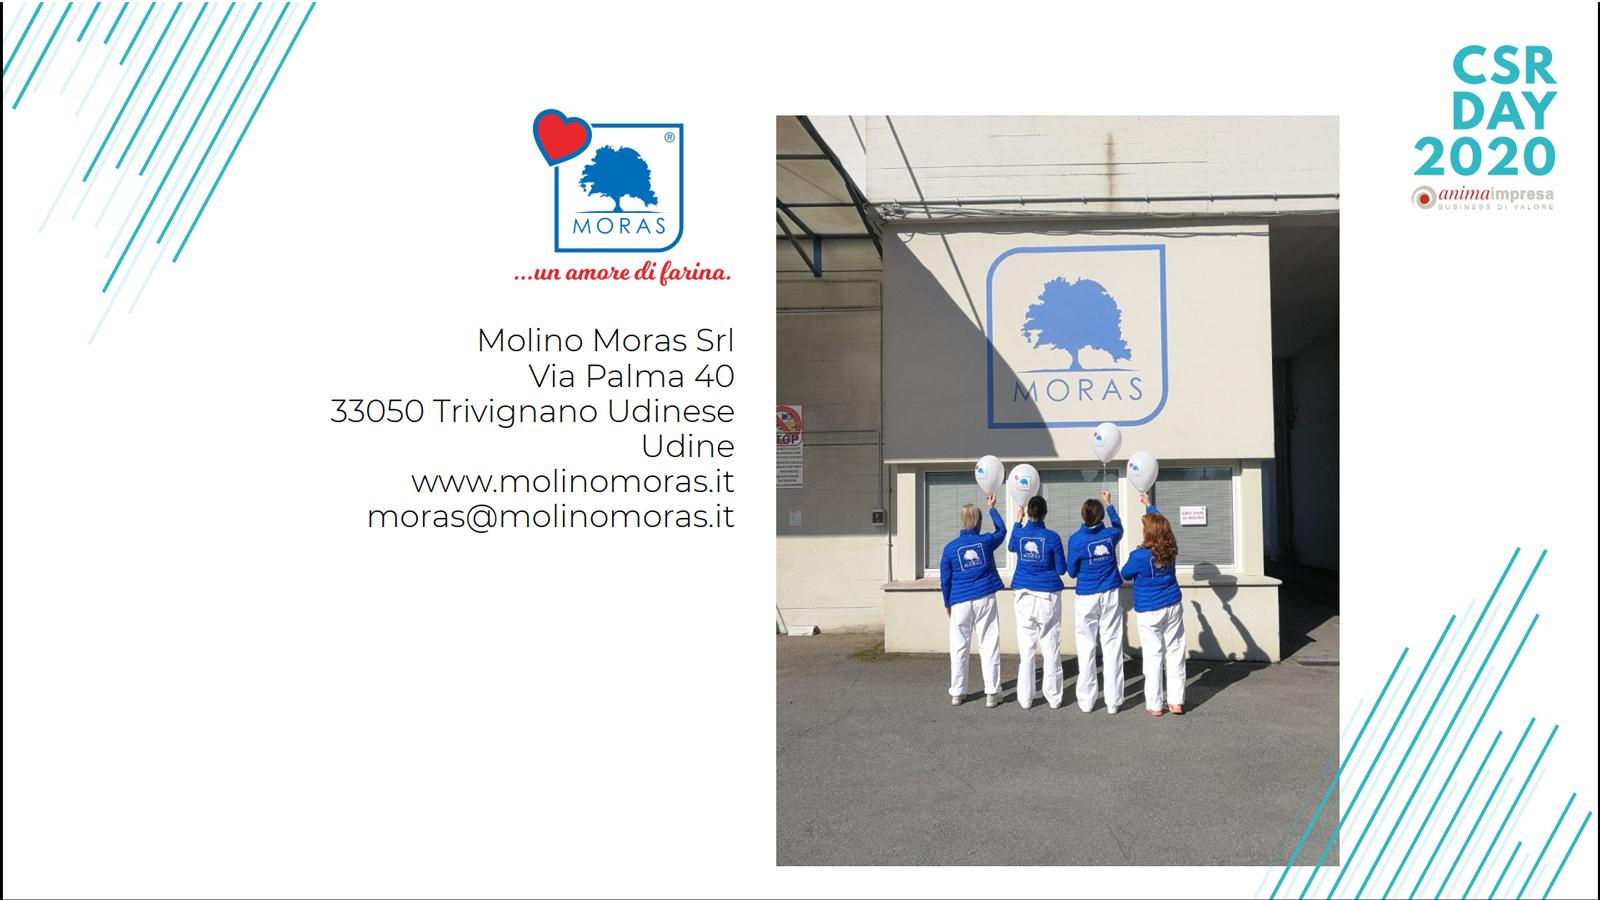 molinomoras_